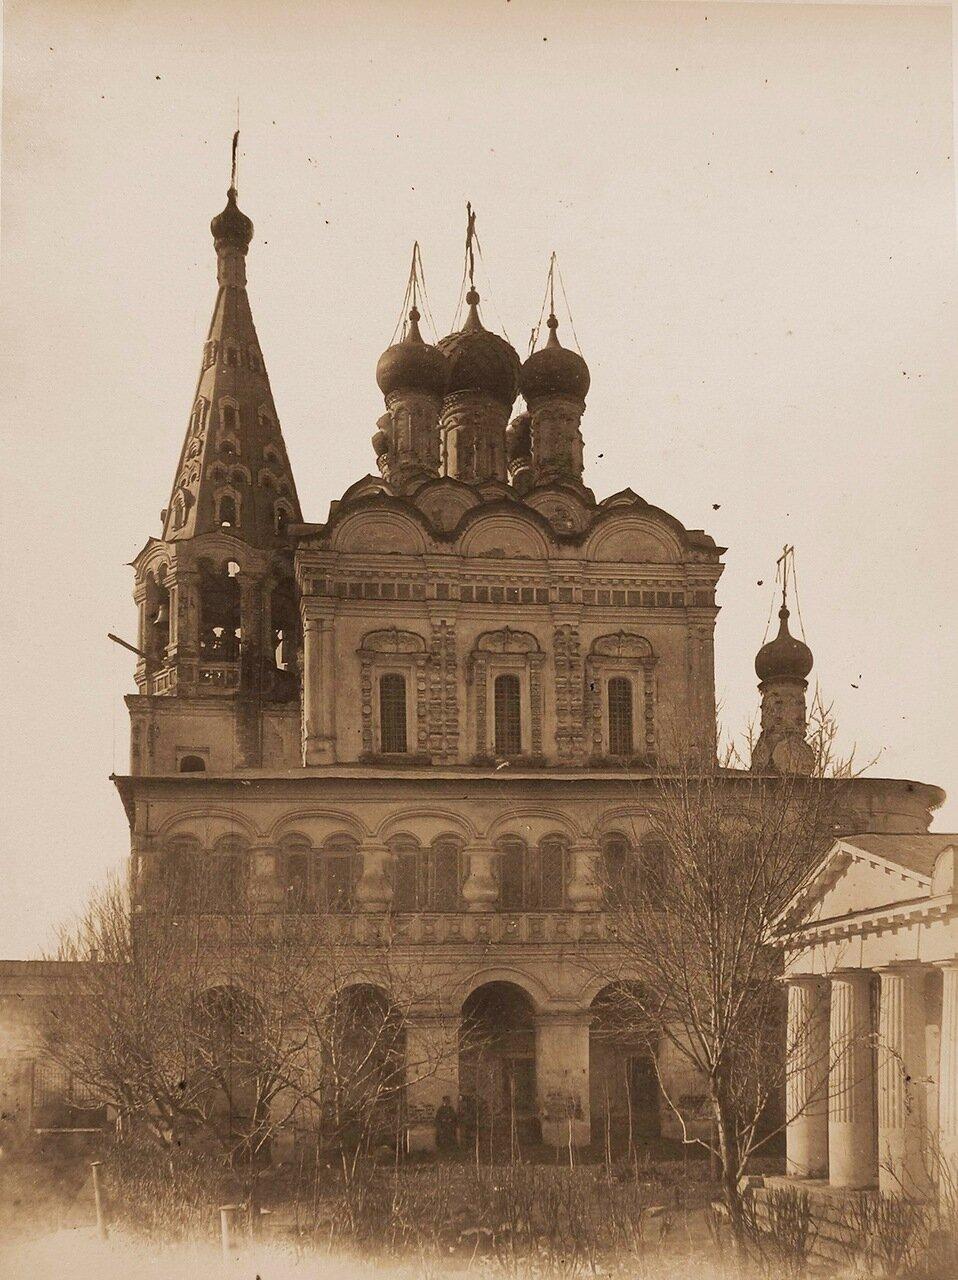 Вид южного фасада церкви Николая Чудотворца что у Столпа в Армянском переулке